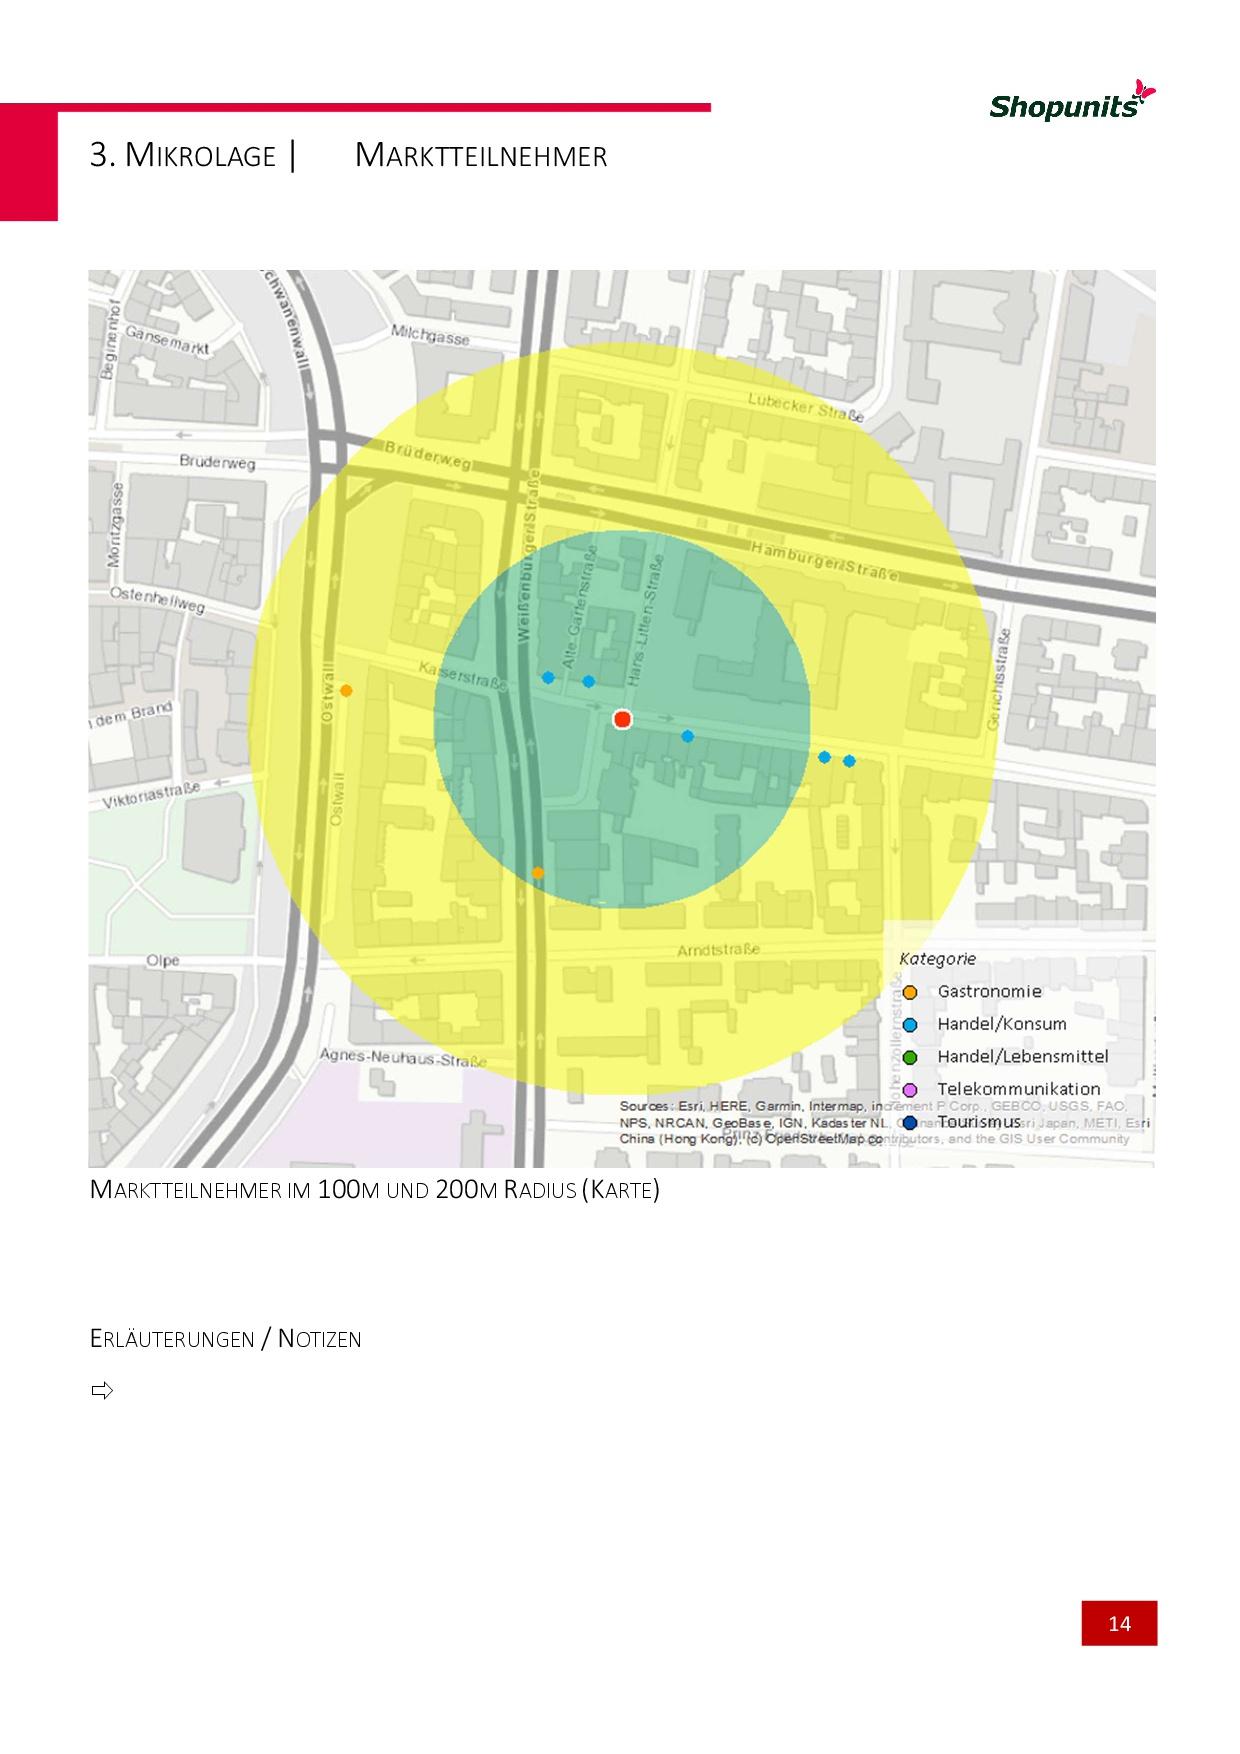 Go*Local - Online-Analysen für Markt, Standort und Wettbewerb, hier: Marktteilnehmer im 100m-200m Radius